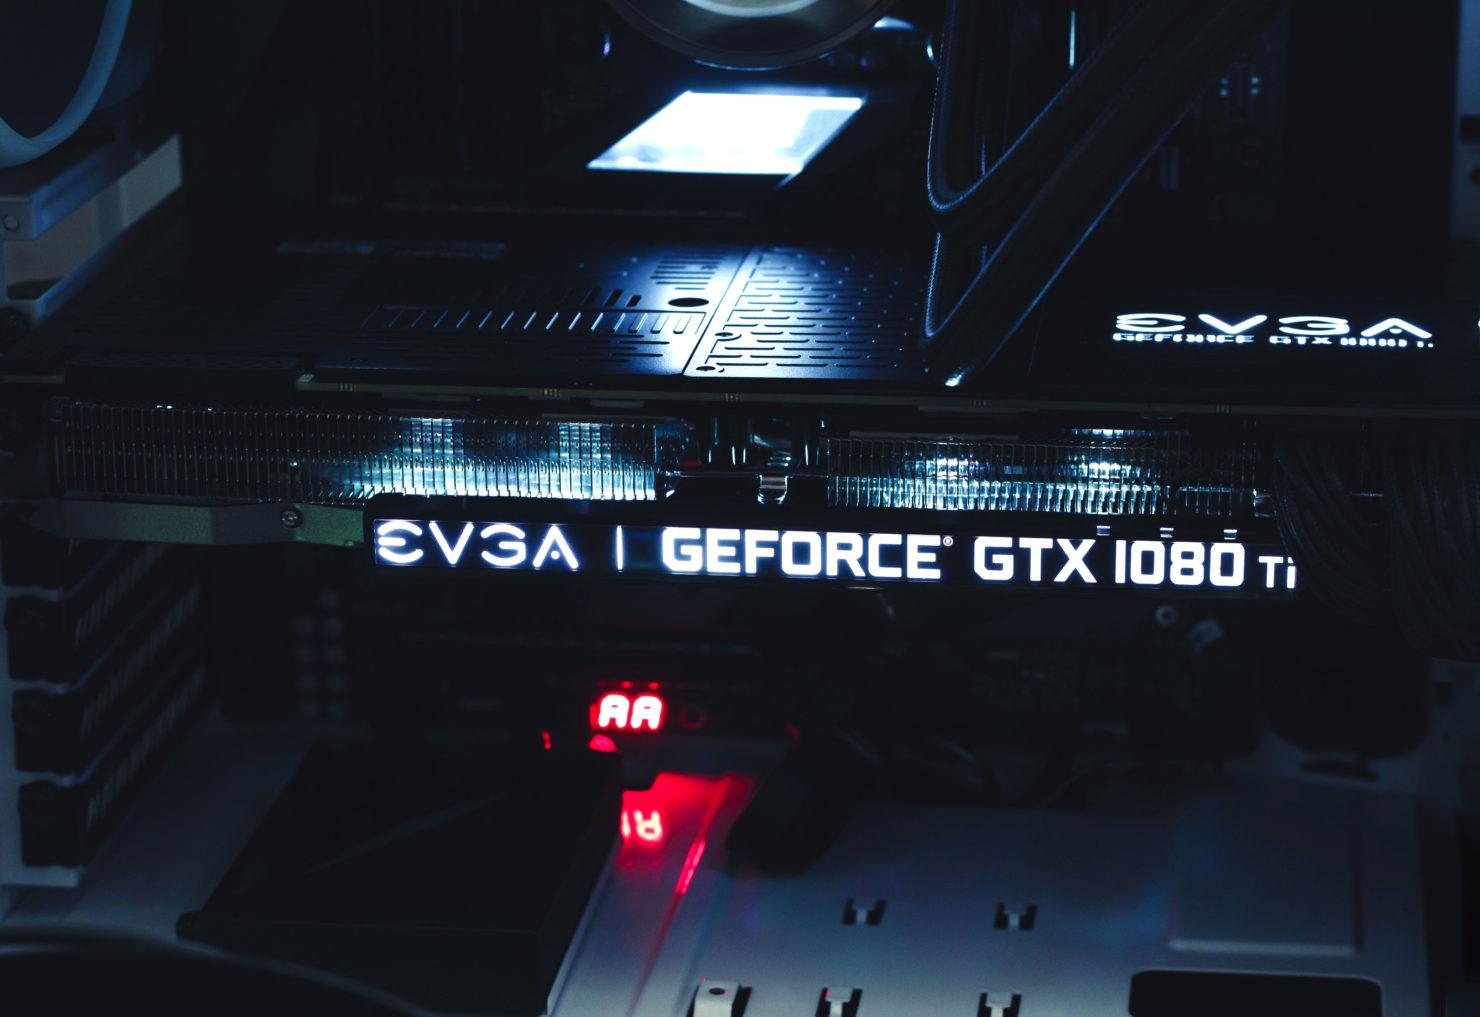 Sau GPU, đến lượt CPU sẽ là trâu cày tiếp theo của dân đào tiền ảo - ảnh 2